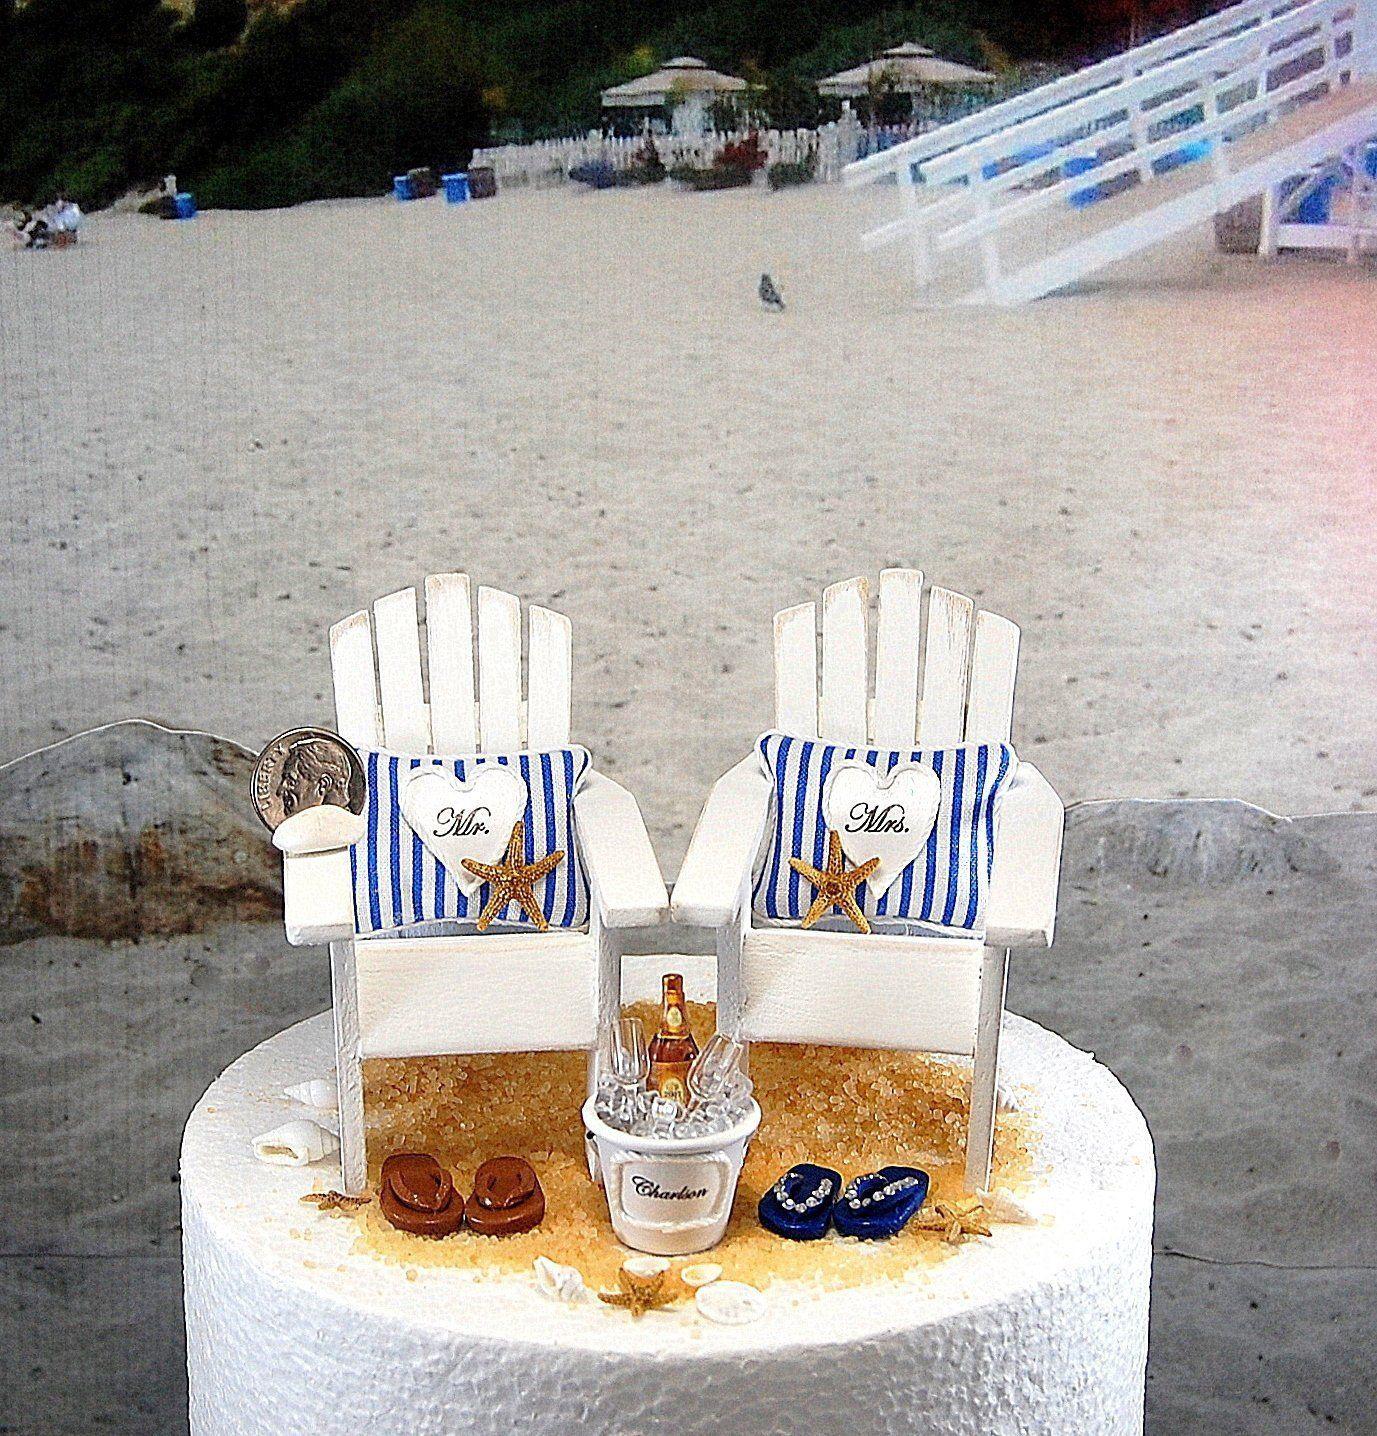 a913b2af123d BEACH WEDDING CAKE 6 Inch Topper